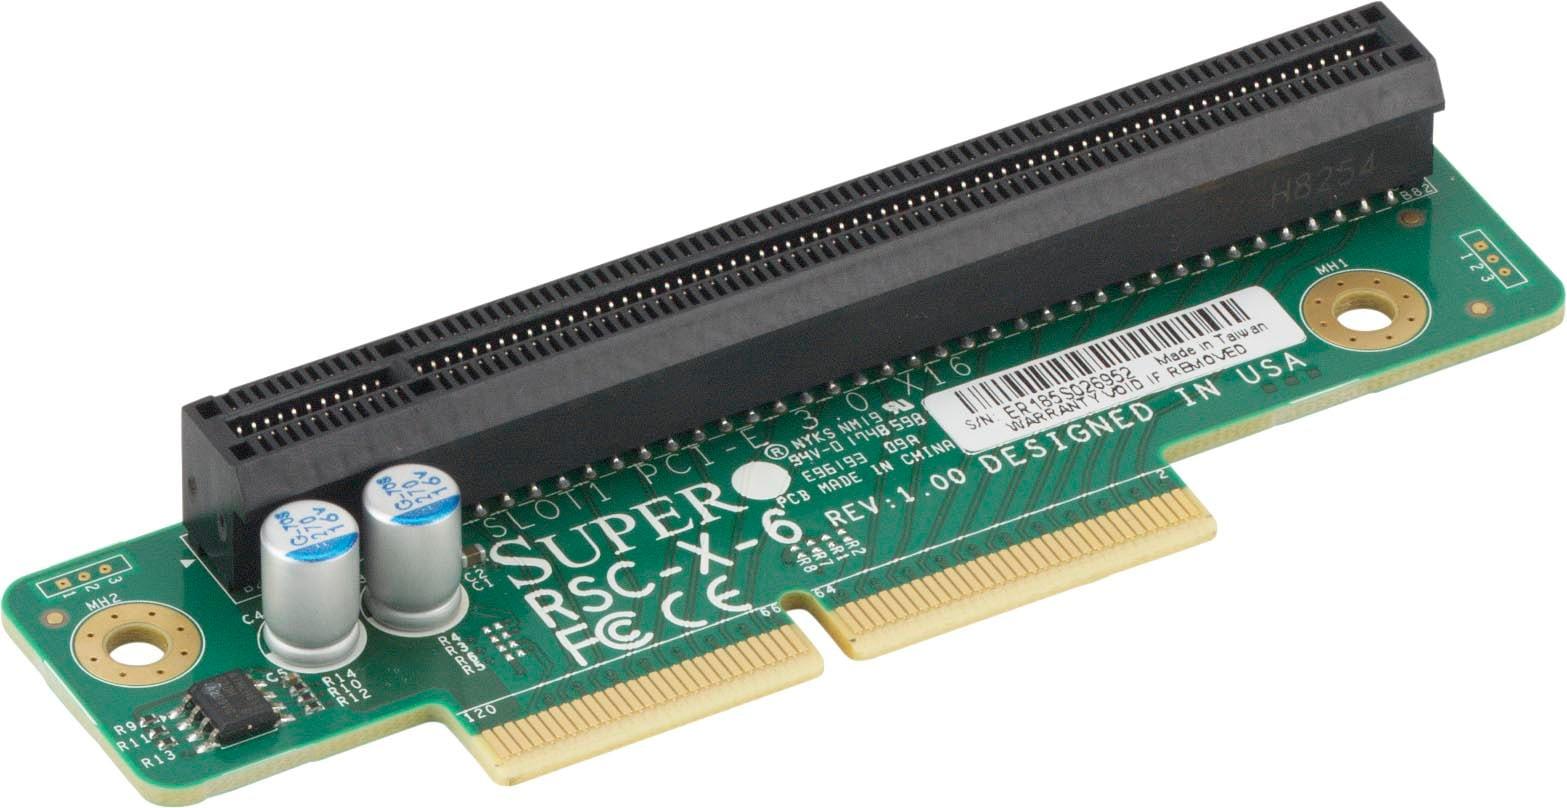 Zdjecie - RSC-X-6 - Supermicro